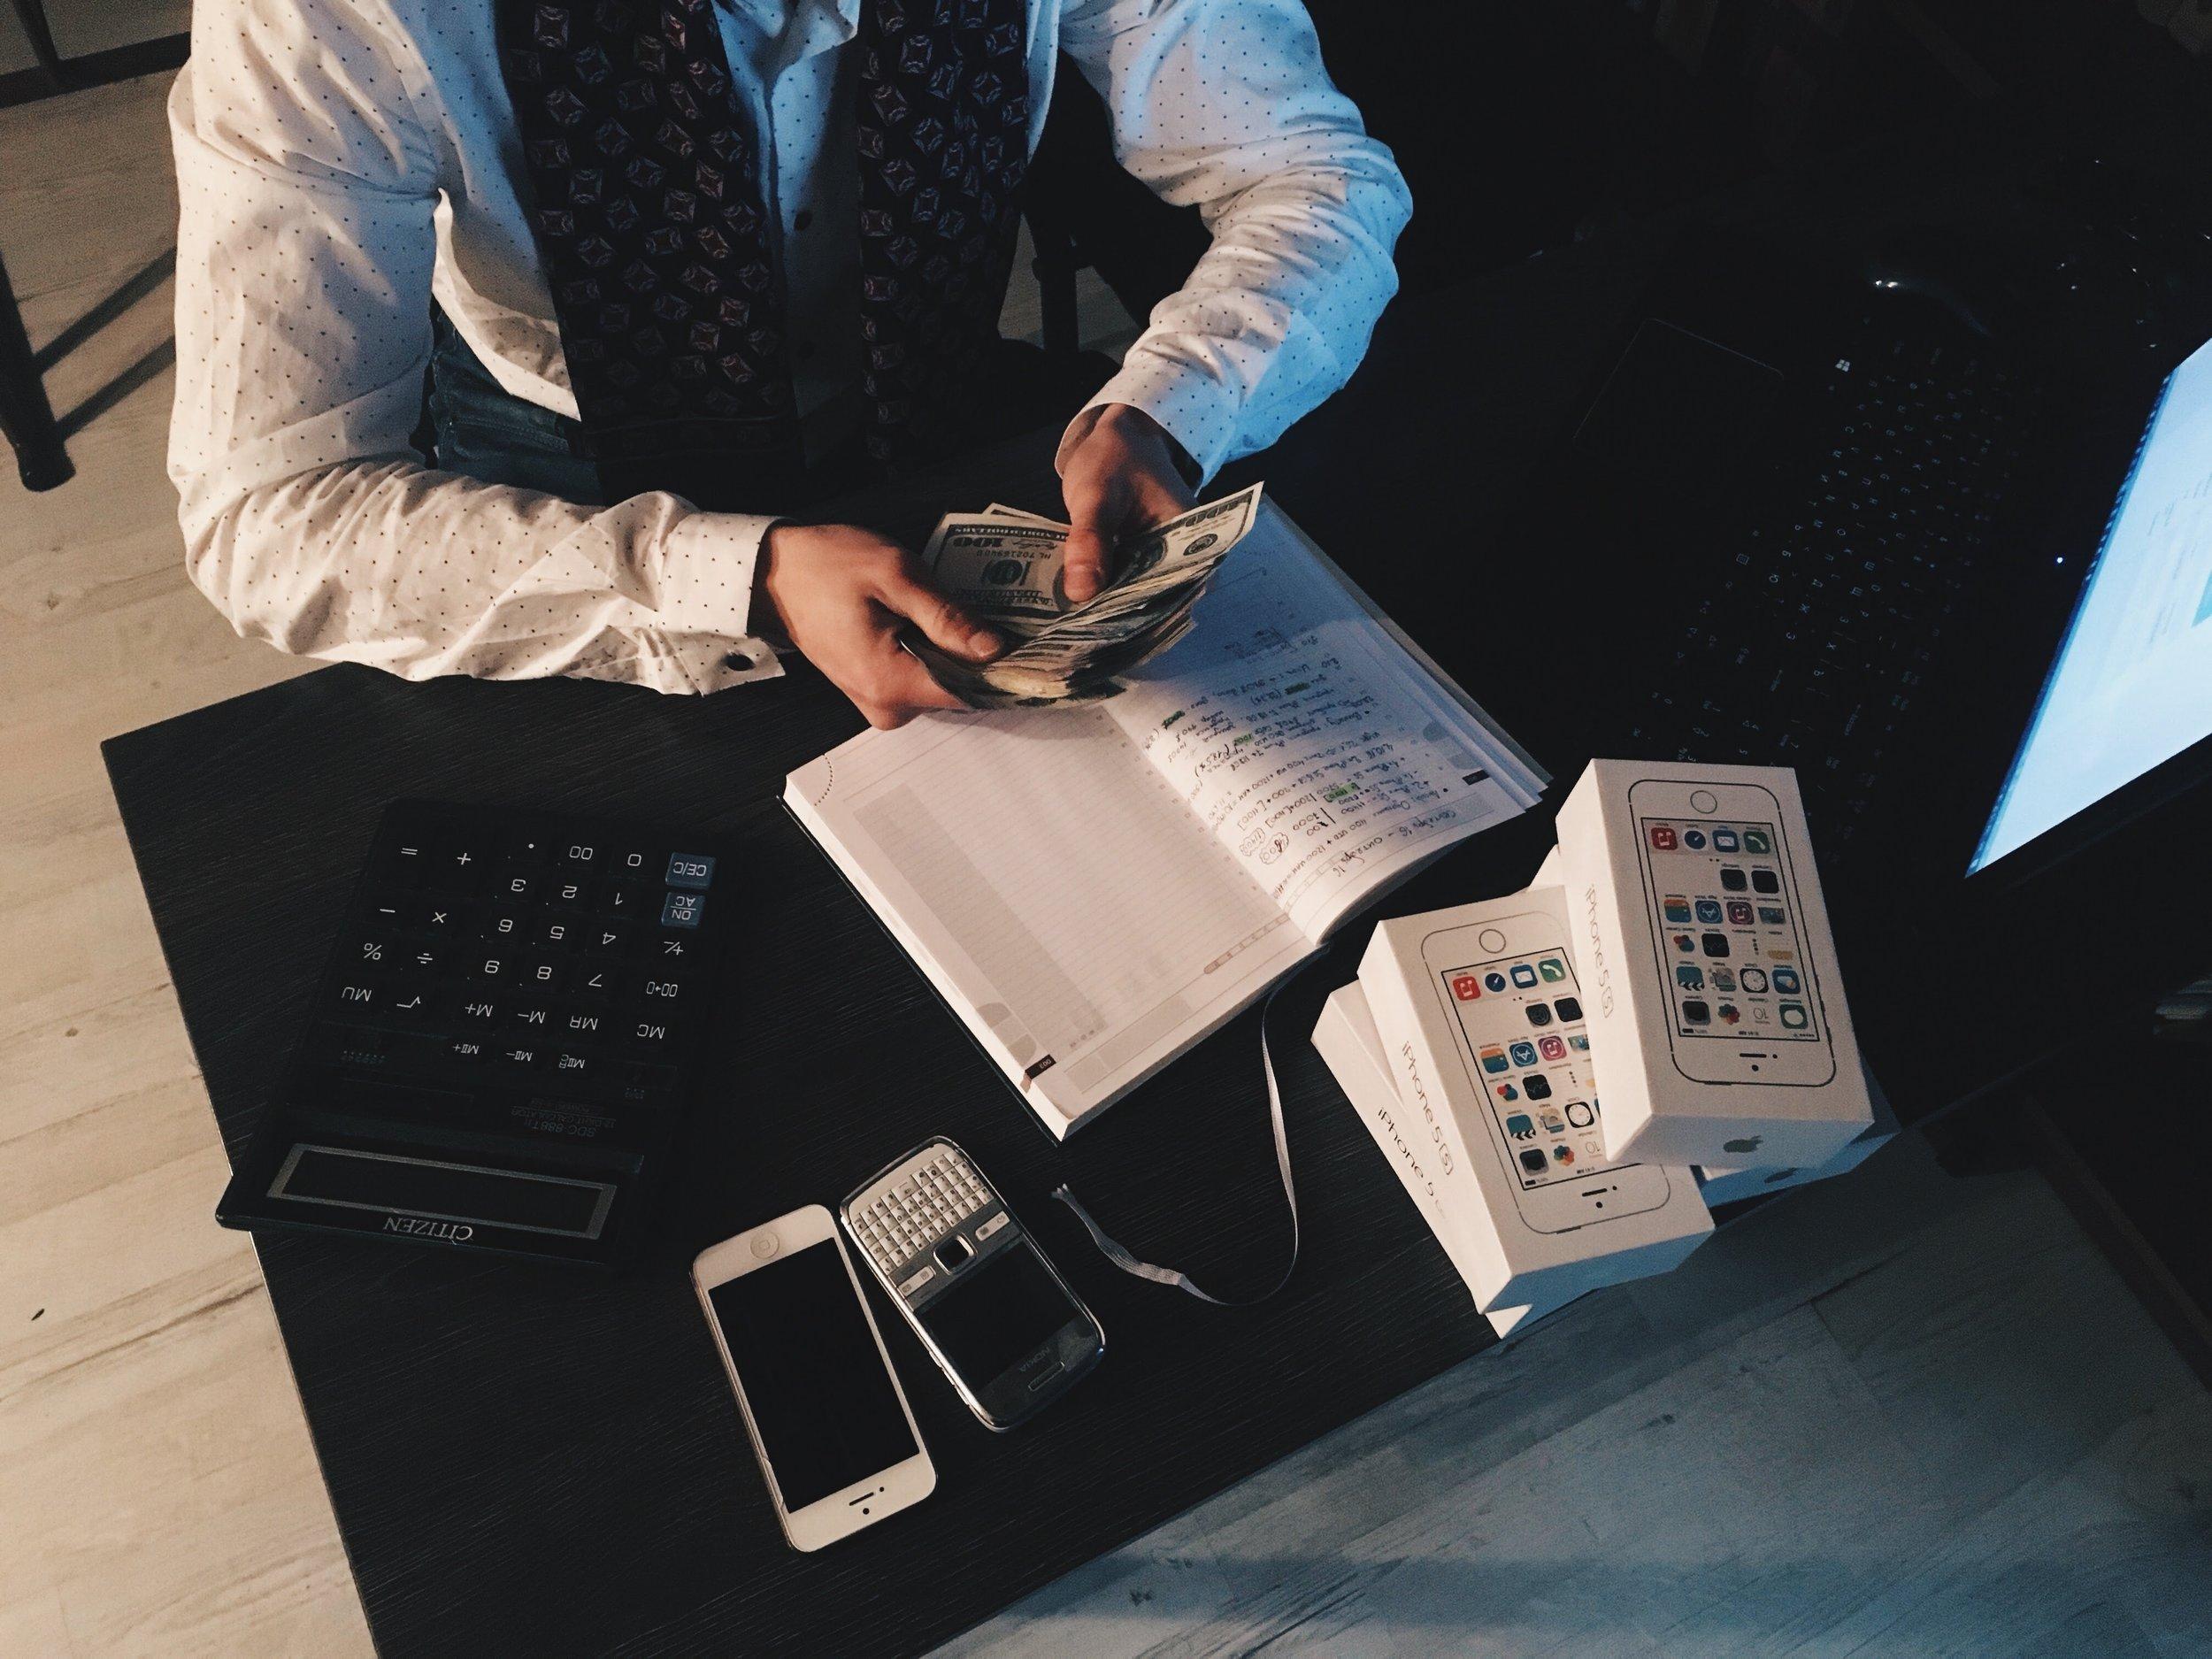 accounting-adult-banknotes-210990.jpg